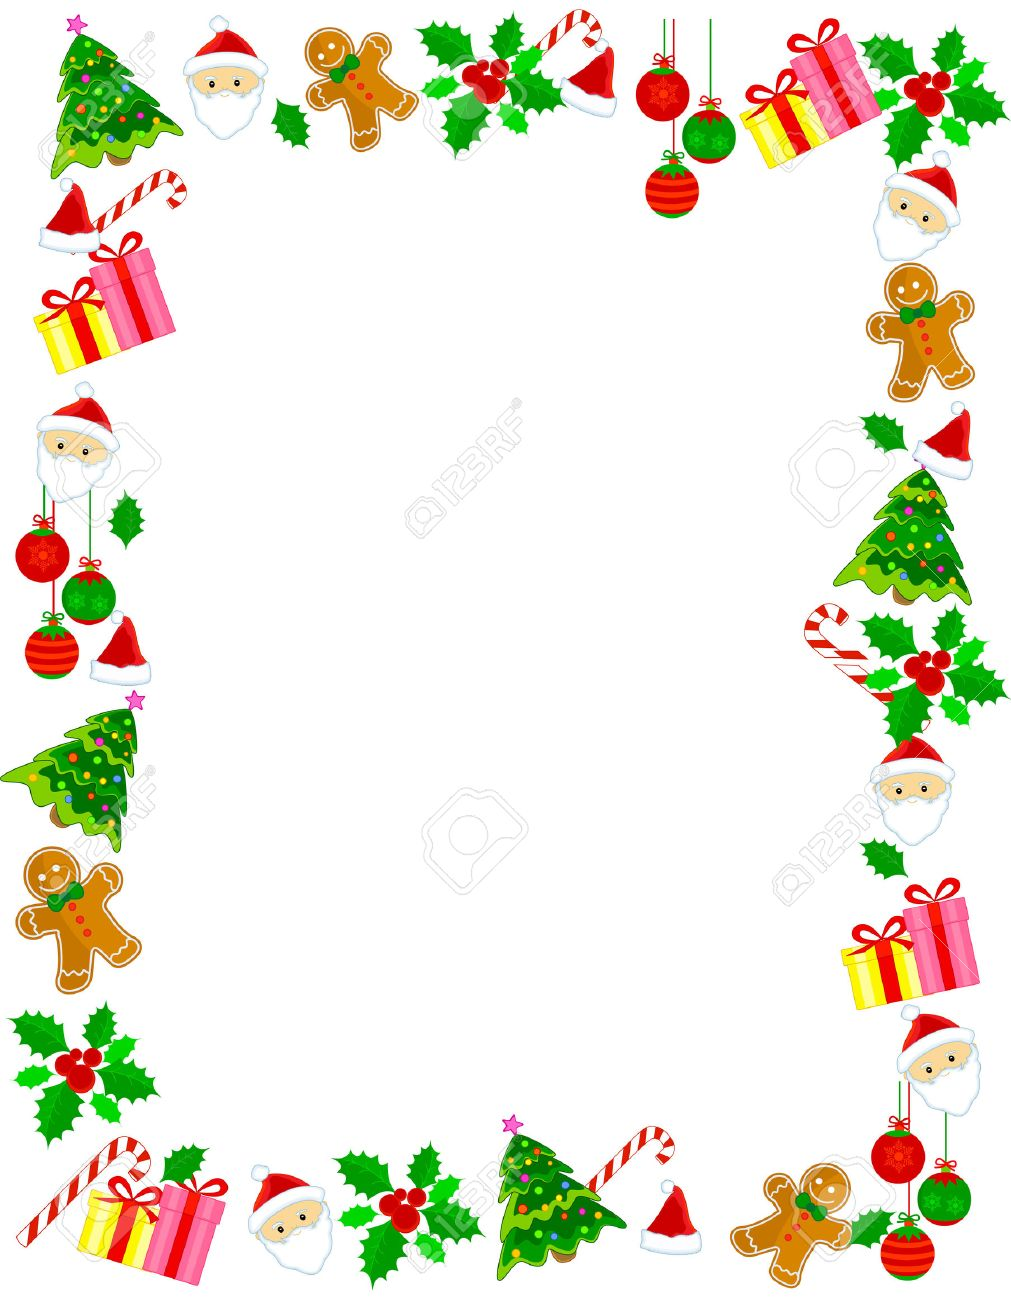 カラフルなクリスマス フレーム/別のクリップアートと国境 ロイヤリティ